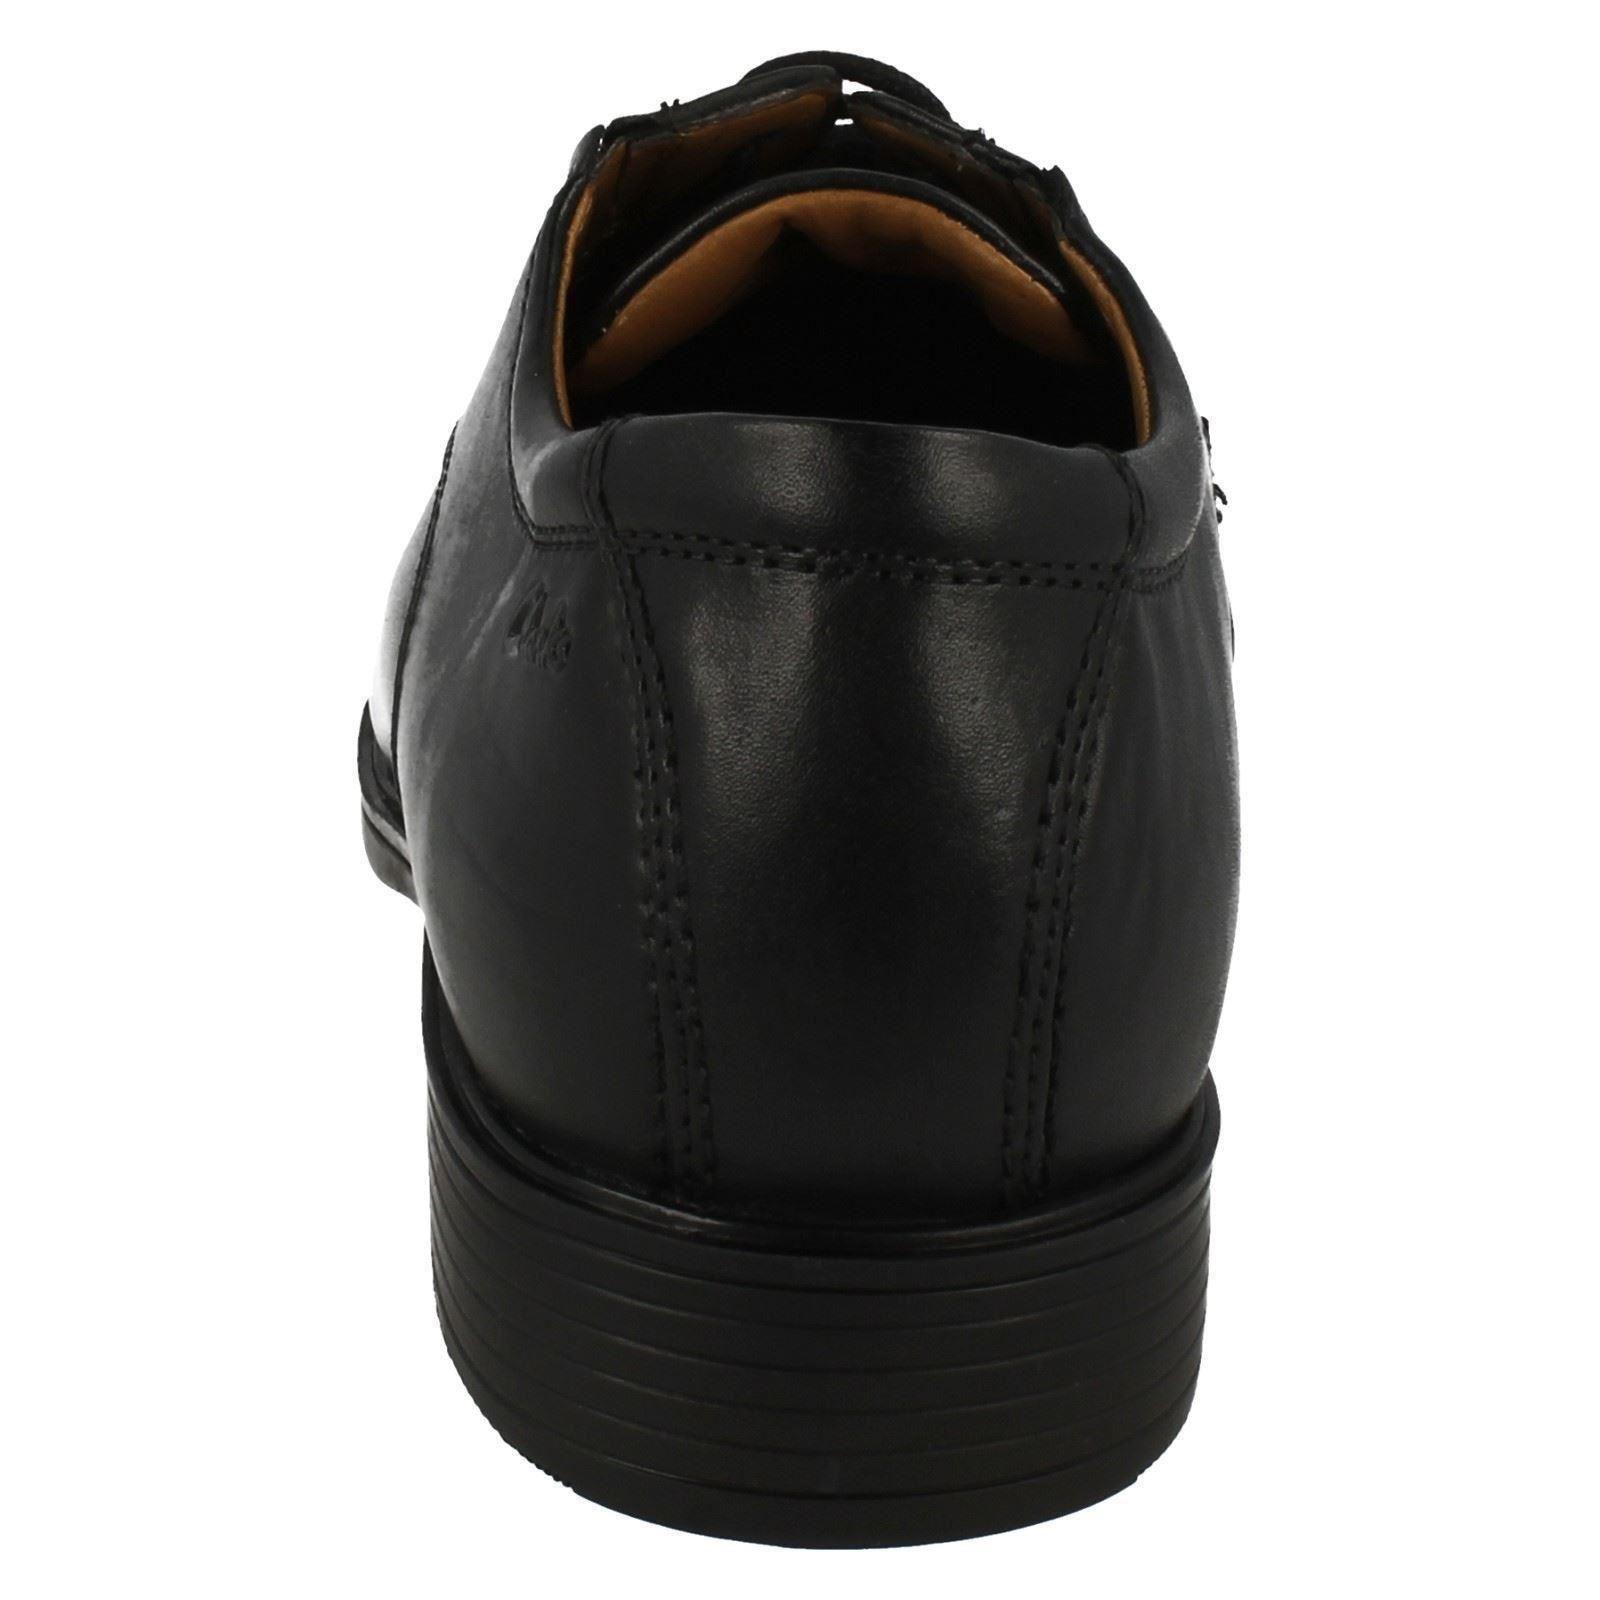 Zapatos Hombre Gorra Formal Con Clarks Tilden Estilo Cordones AF5npZqBF